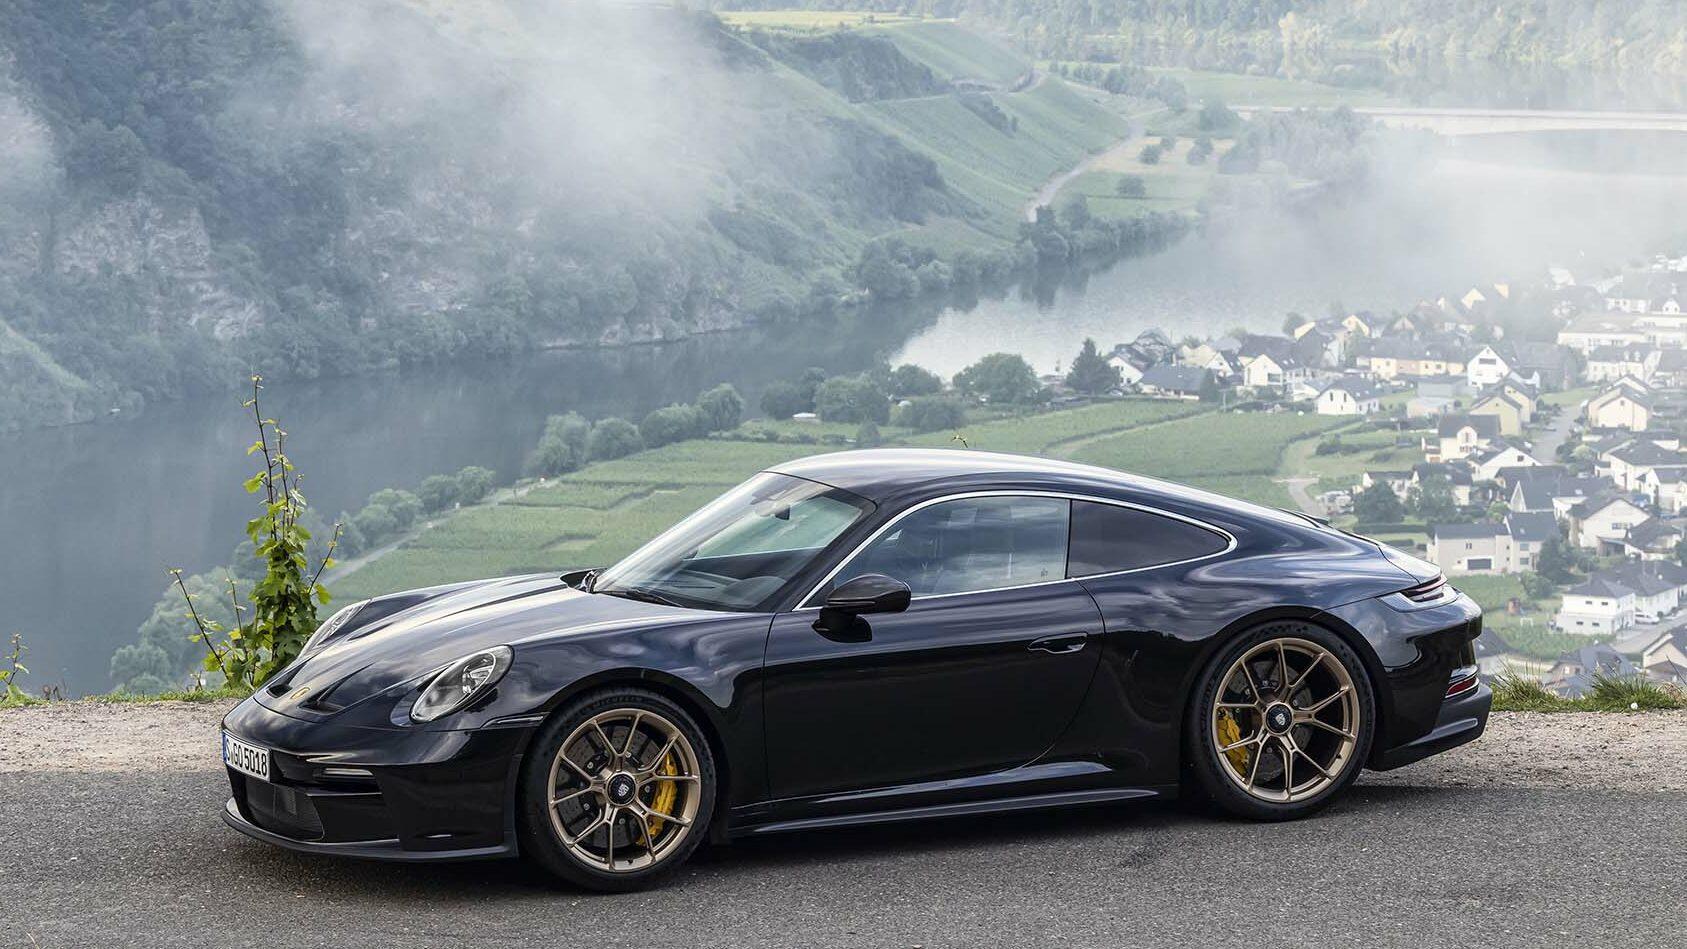 Zijkant Porsche 911 GT3 Touring (992, 2021)